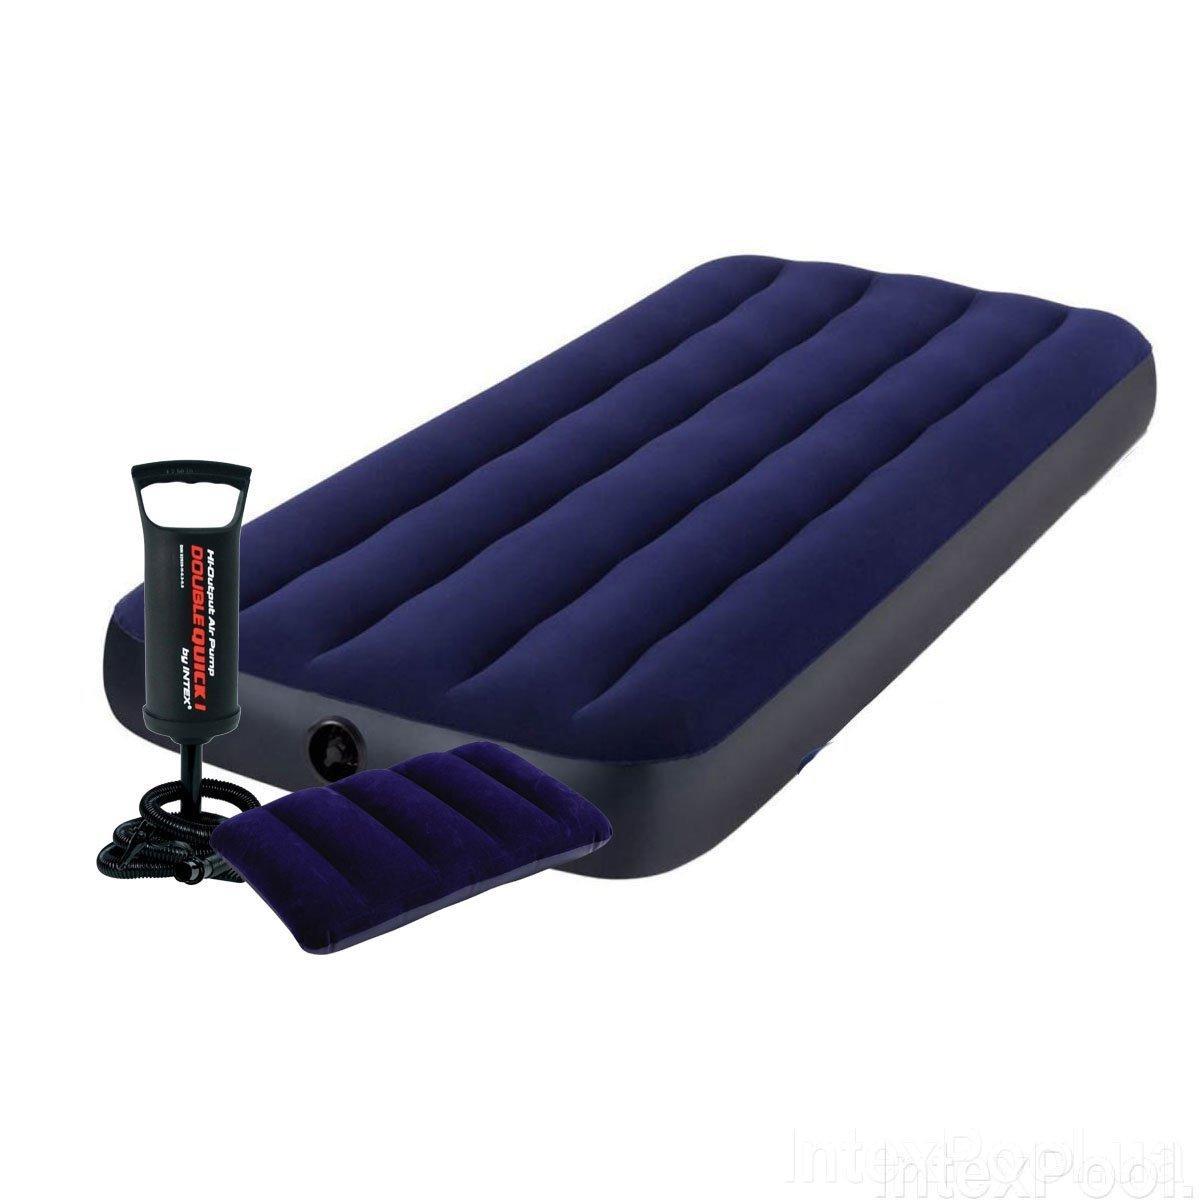 Одномісний надувний матрац Bestway 64756-2, 76 x 191 x 25 см, з подушкою, насосом Синій